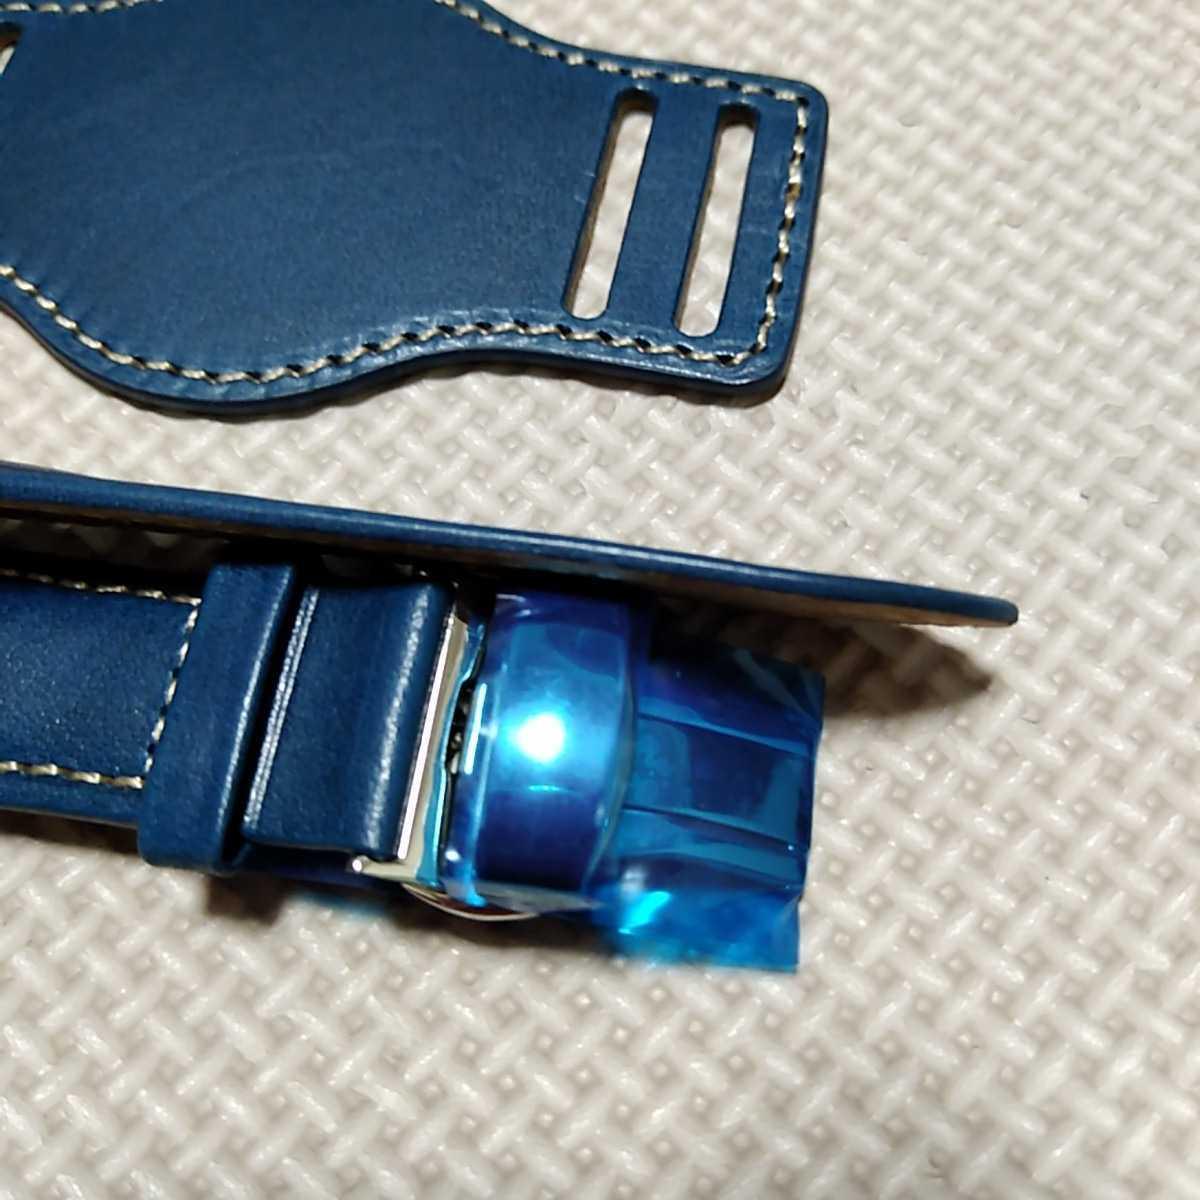 No70 ブンド BUND 本革レザーベルト 腕時計ベルト 交換用ストラップ ブルー 21mm 未使用 Dバックル 高品質 ドイツパイロット 空軍_画像8